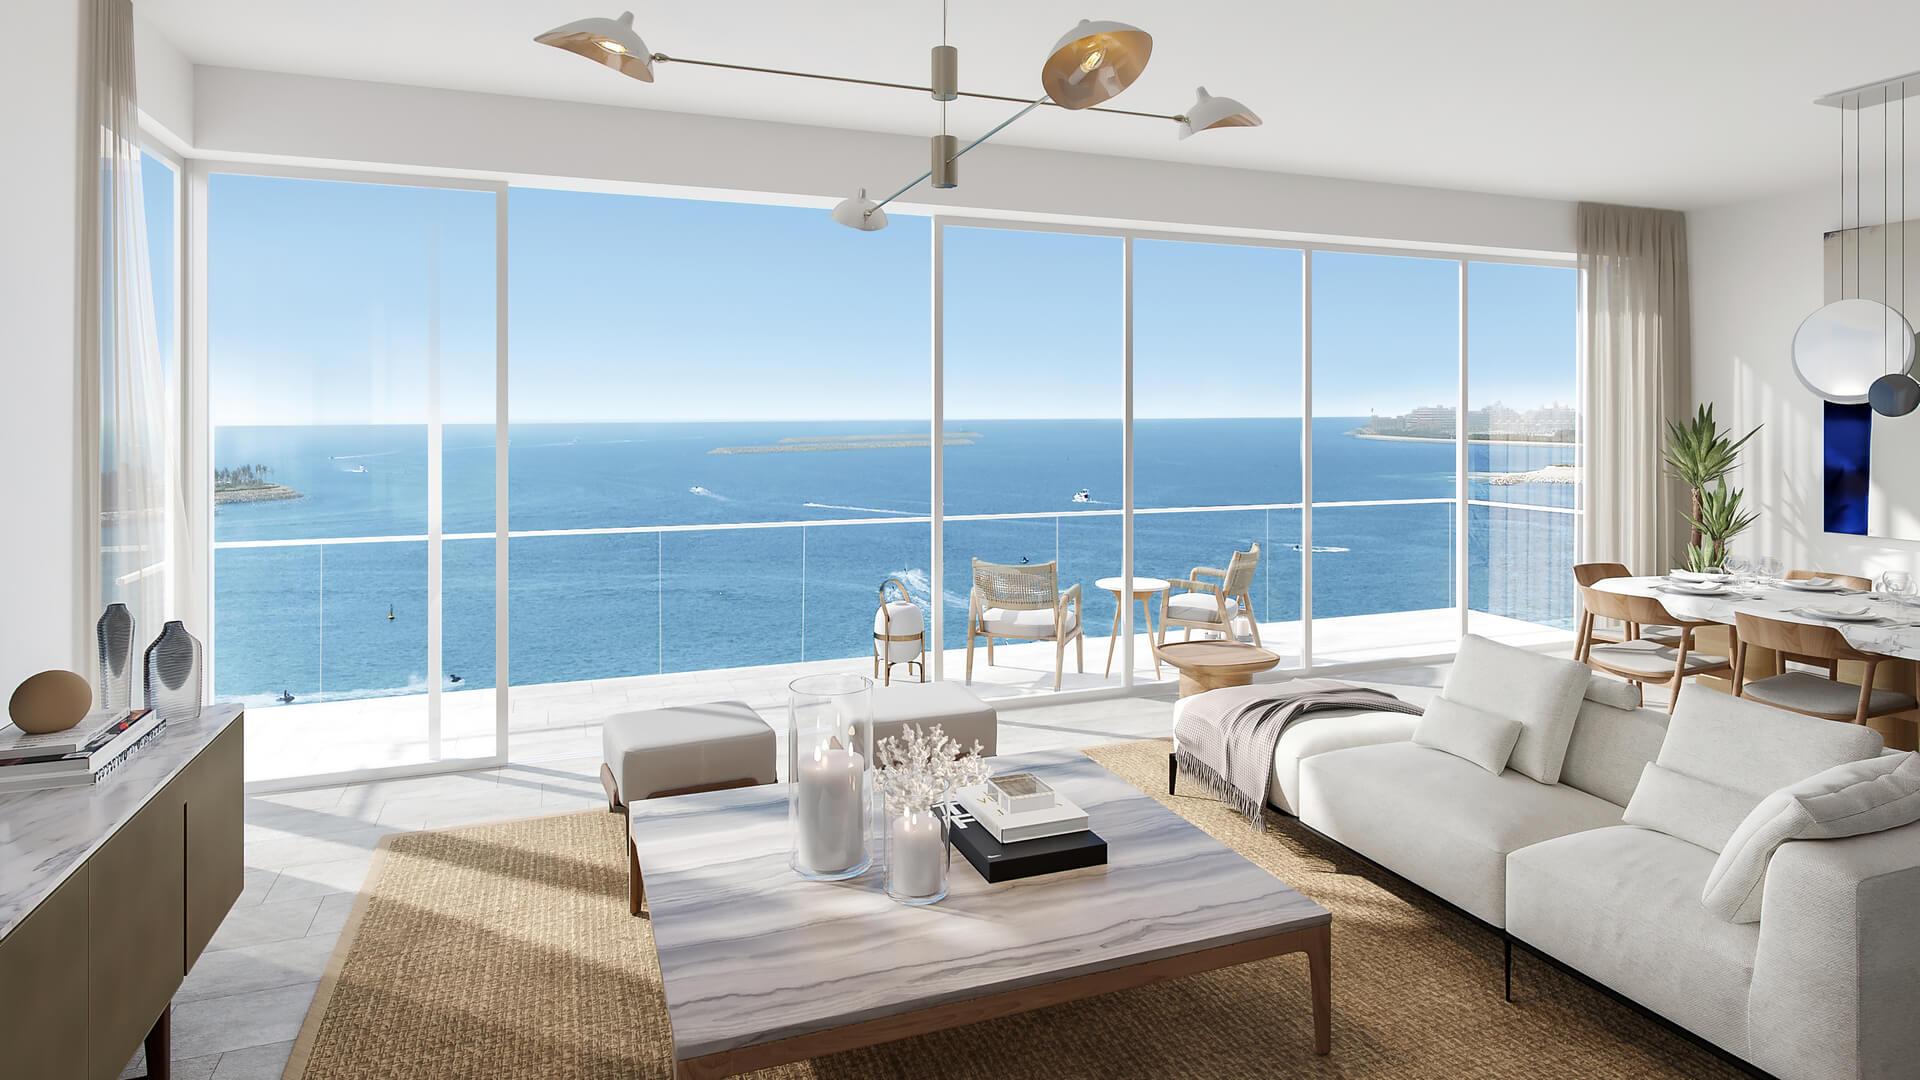 Apartamento en venta en Dubai, EAU, 2 dormitorios, 130 m2, № 24553 – foto 1